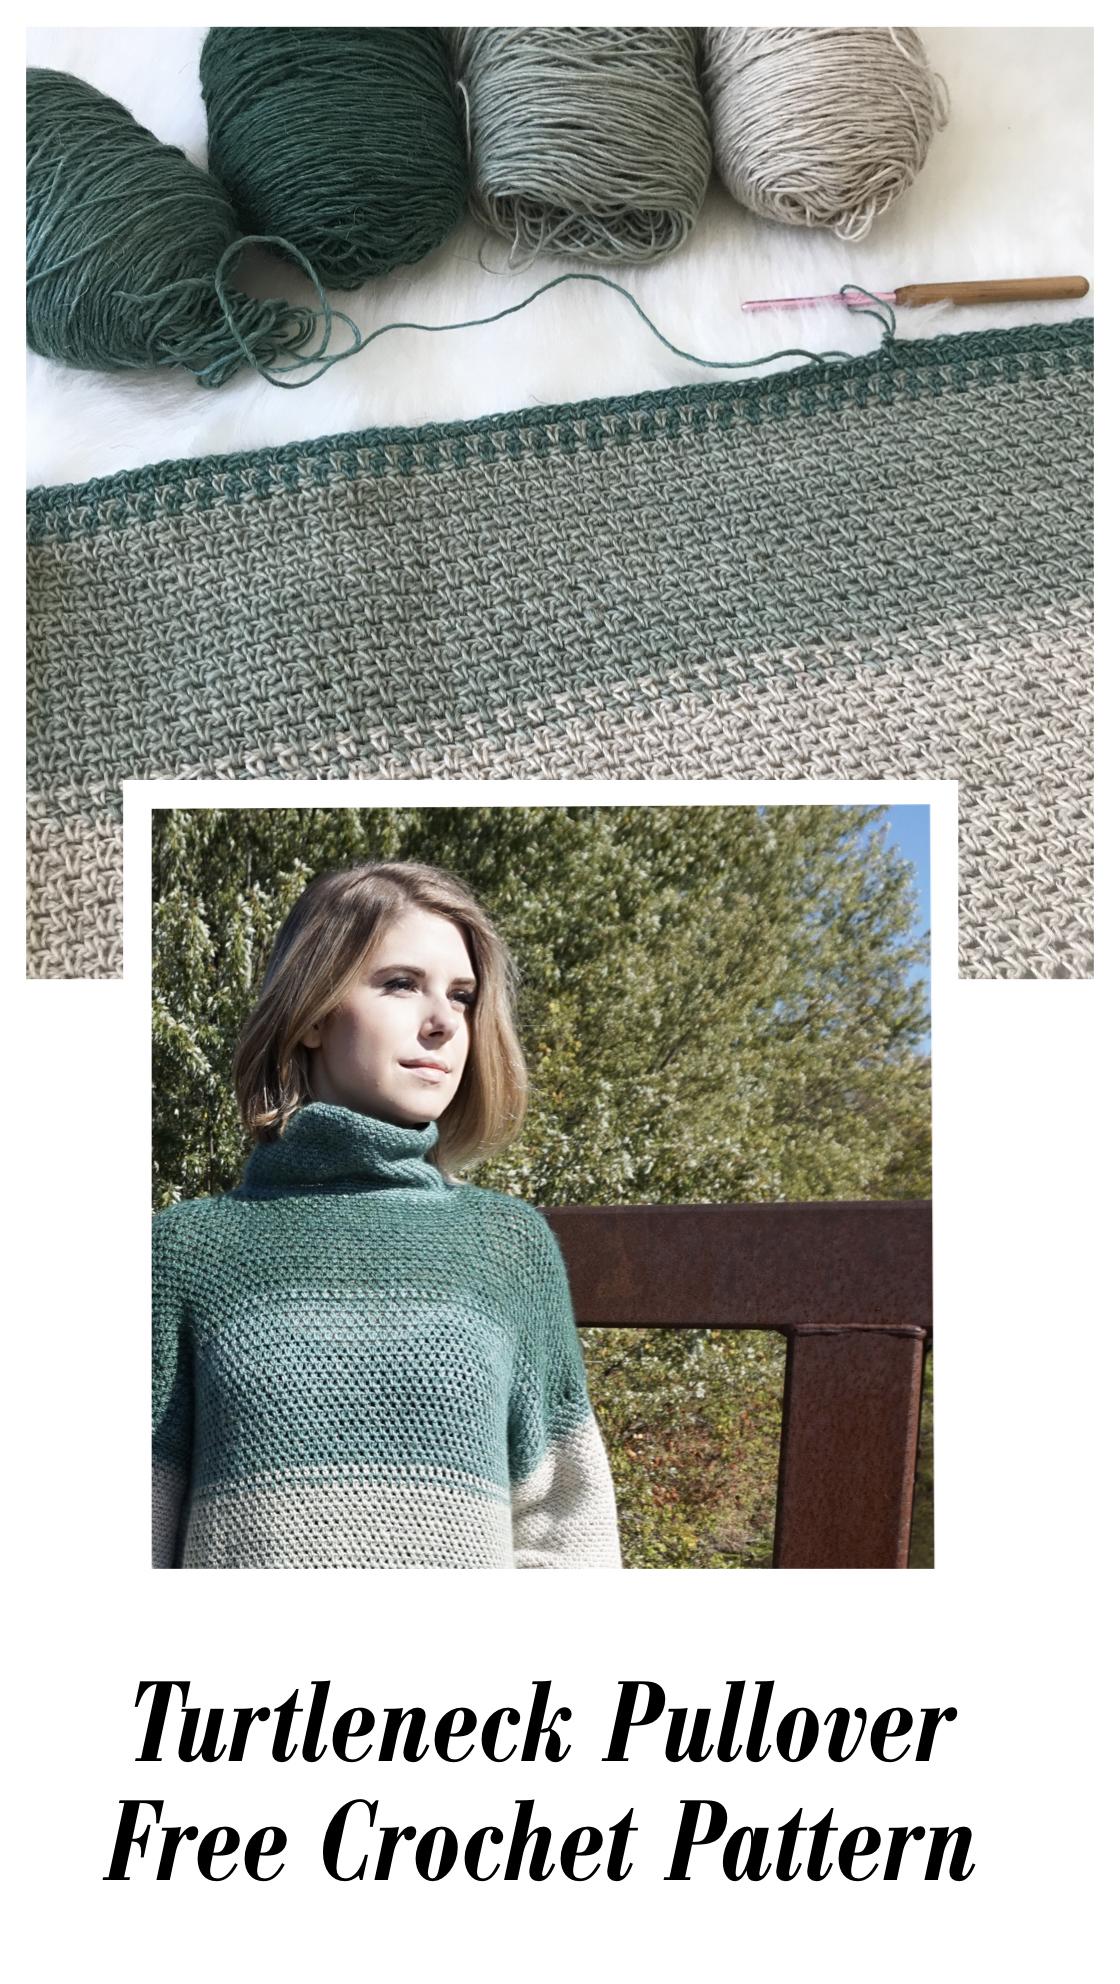 Montevideo_Crochet_Pullover_1.jpg